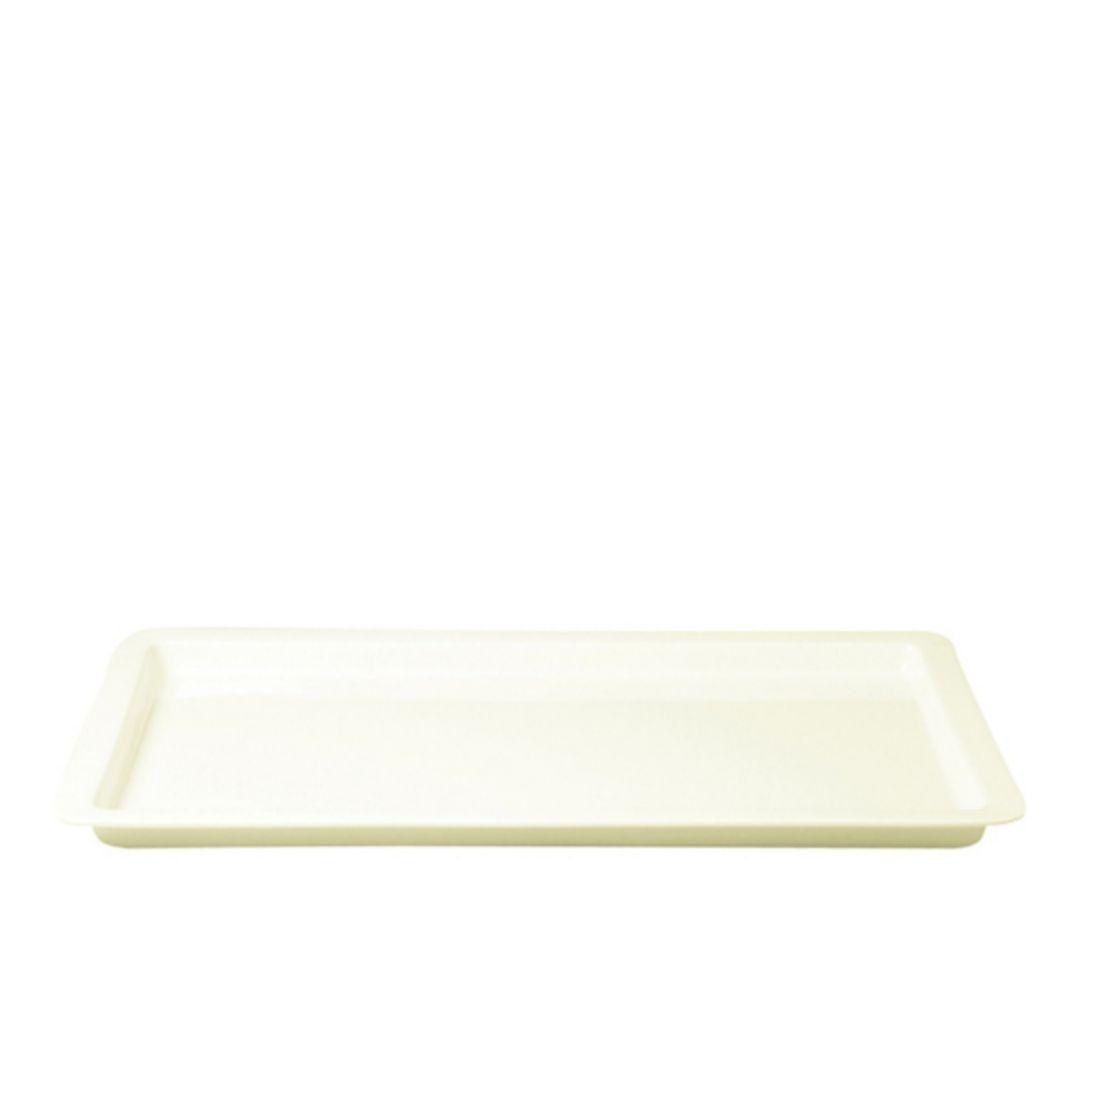 Gastronádoba GN 1/2 022 mm